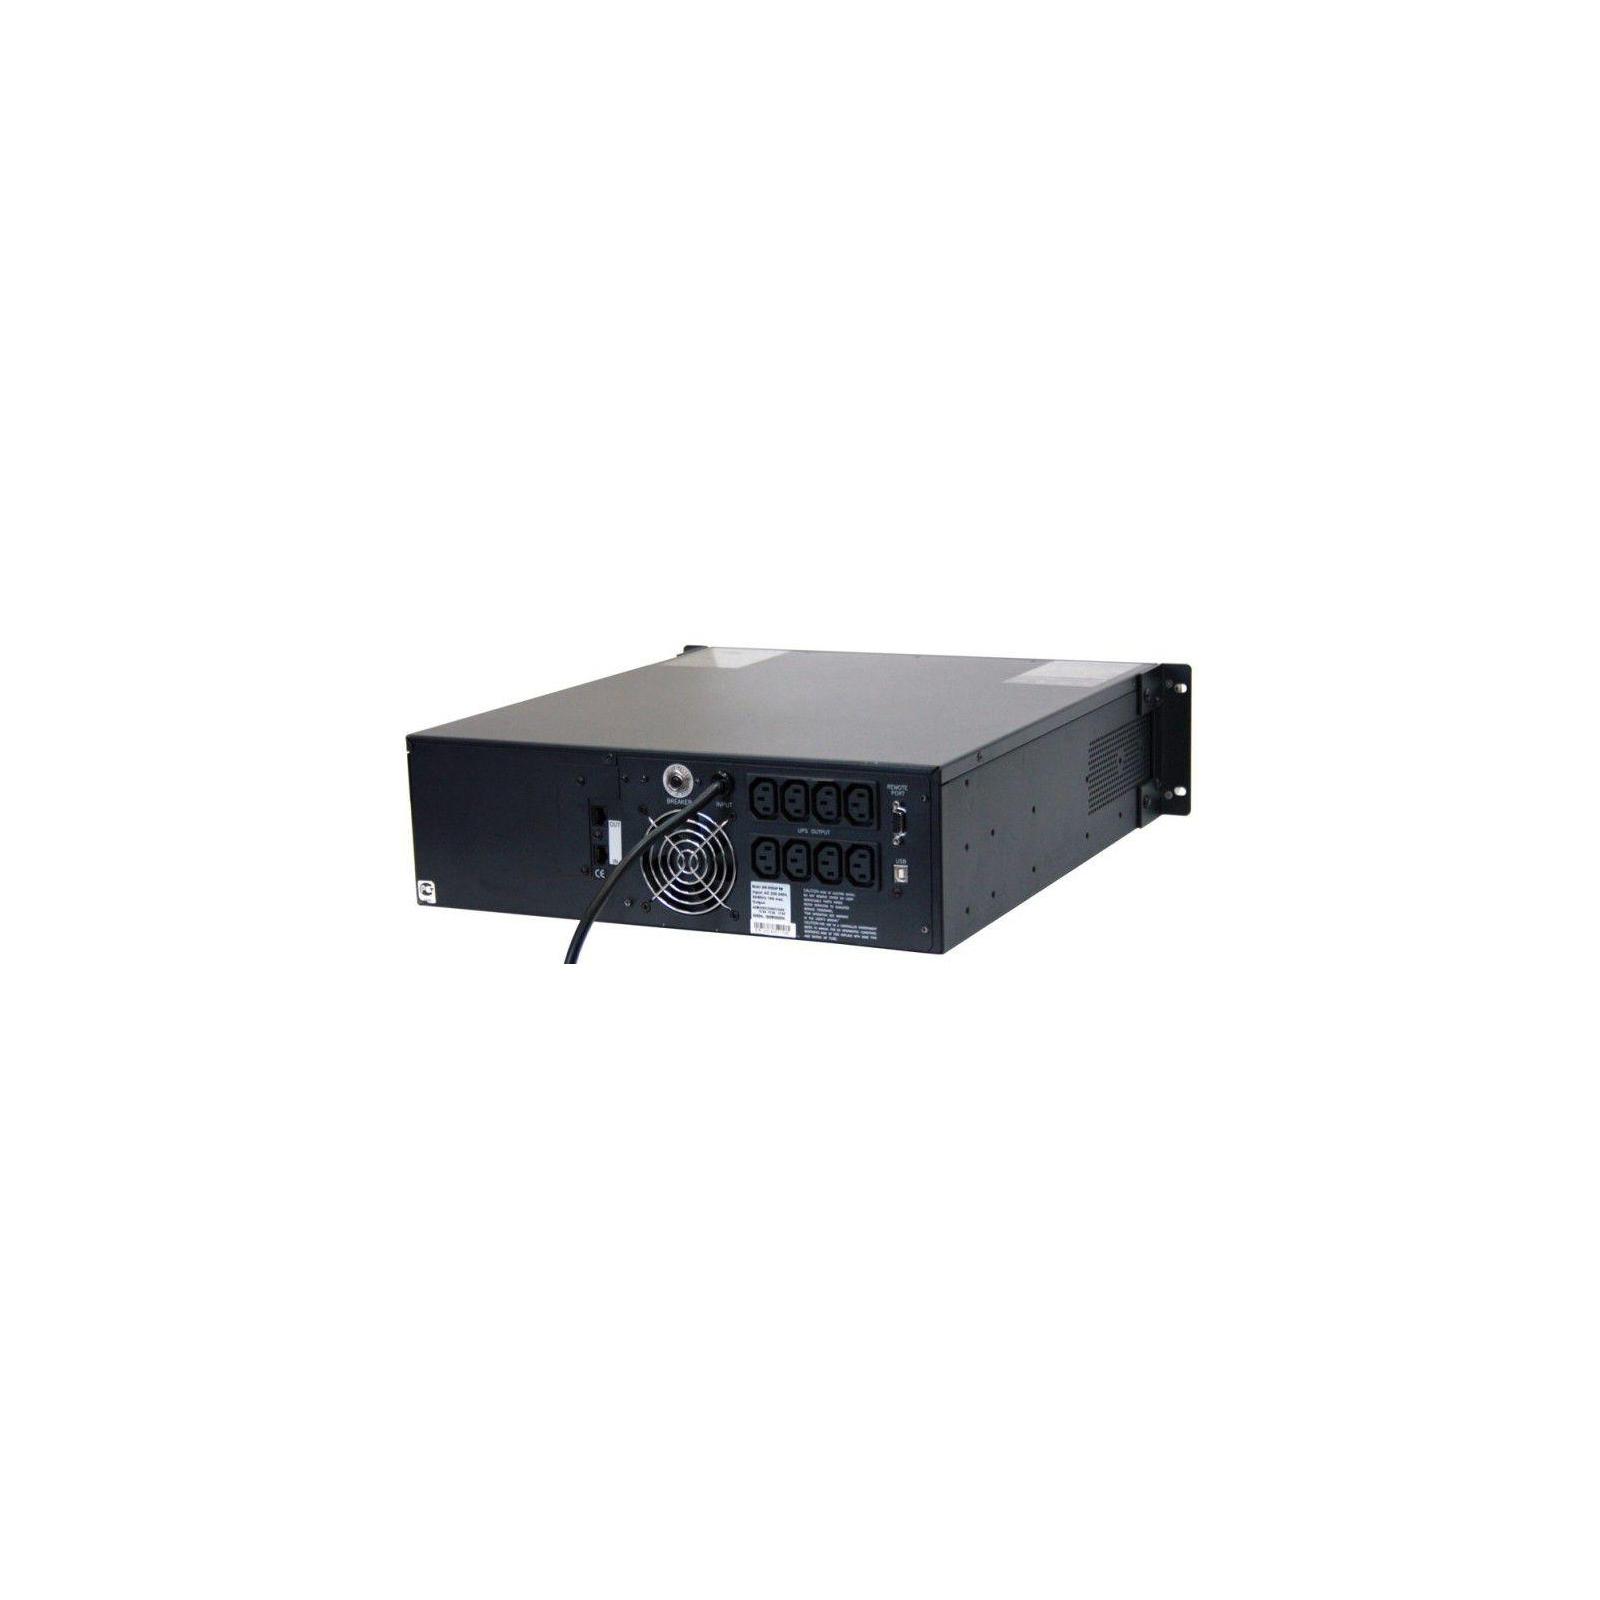 Источник бесперебойного питания KIN-2200 AP Powercom (KIN-2200 AP RM 3U) изображение 4